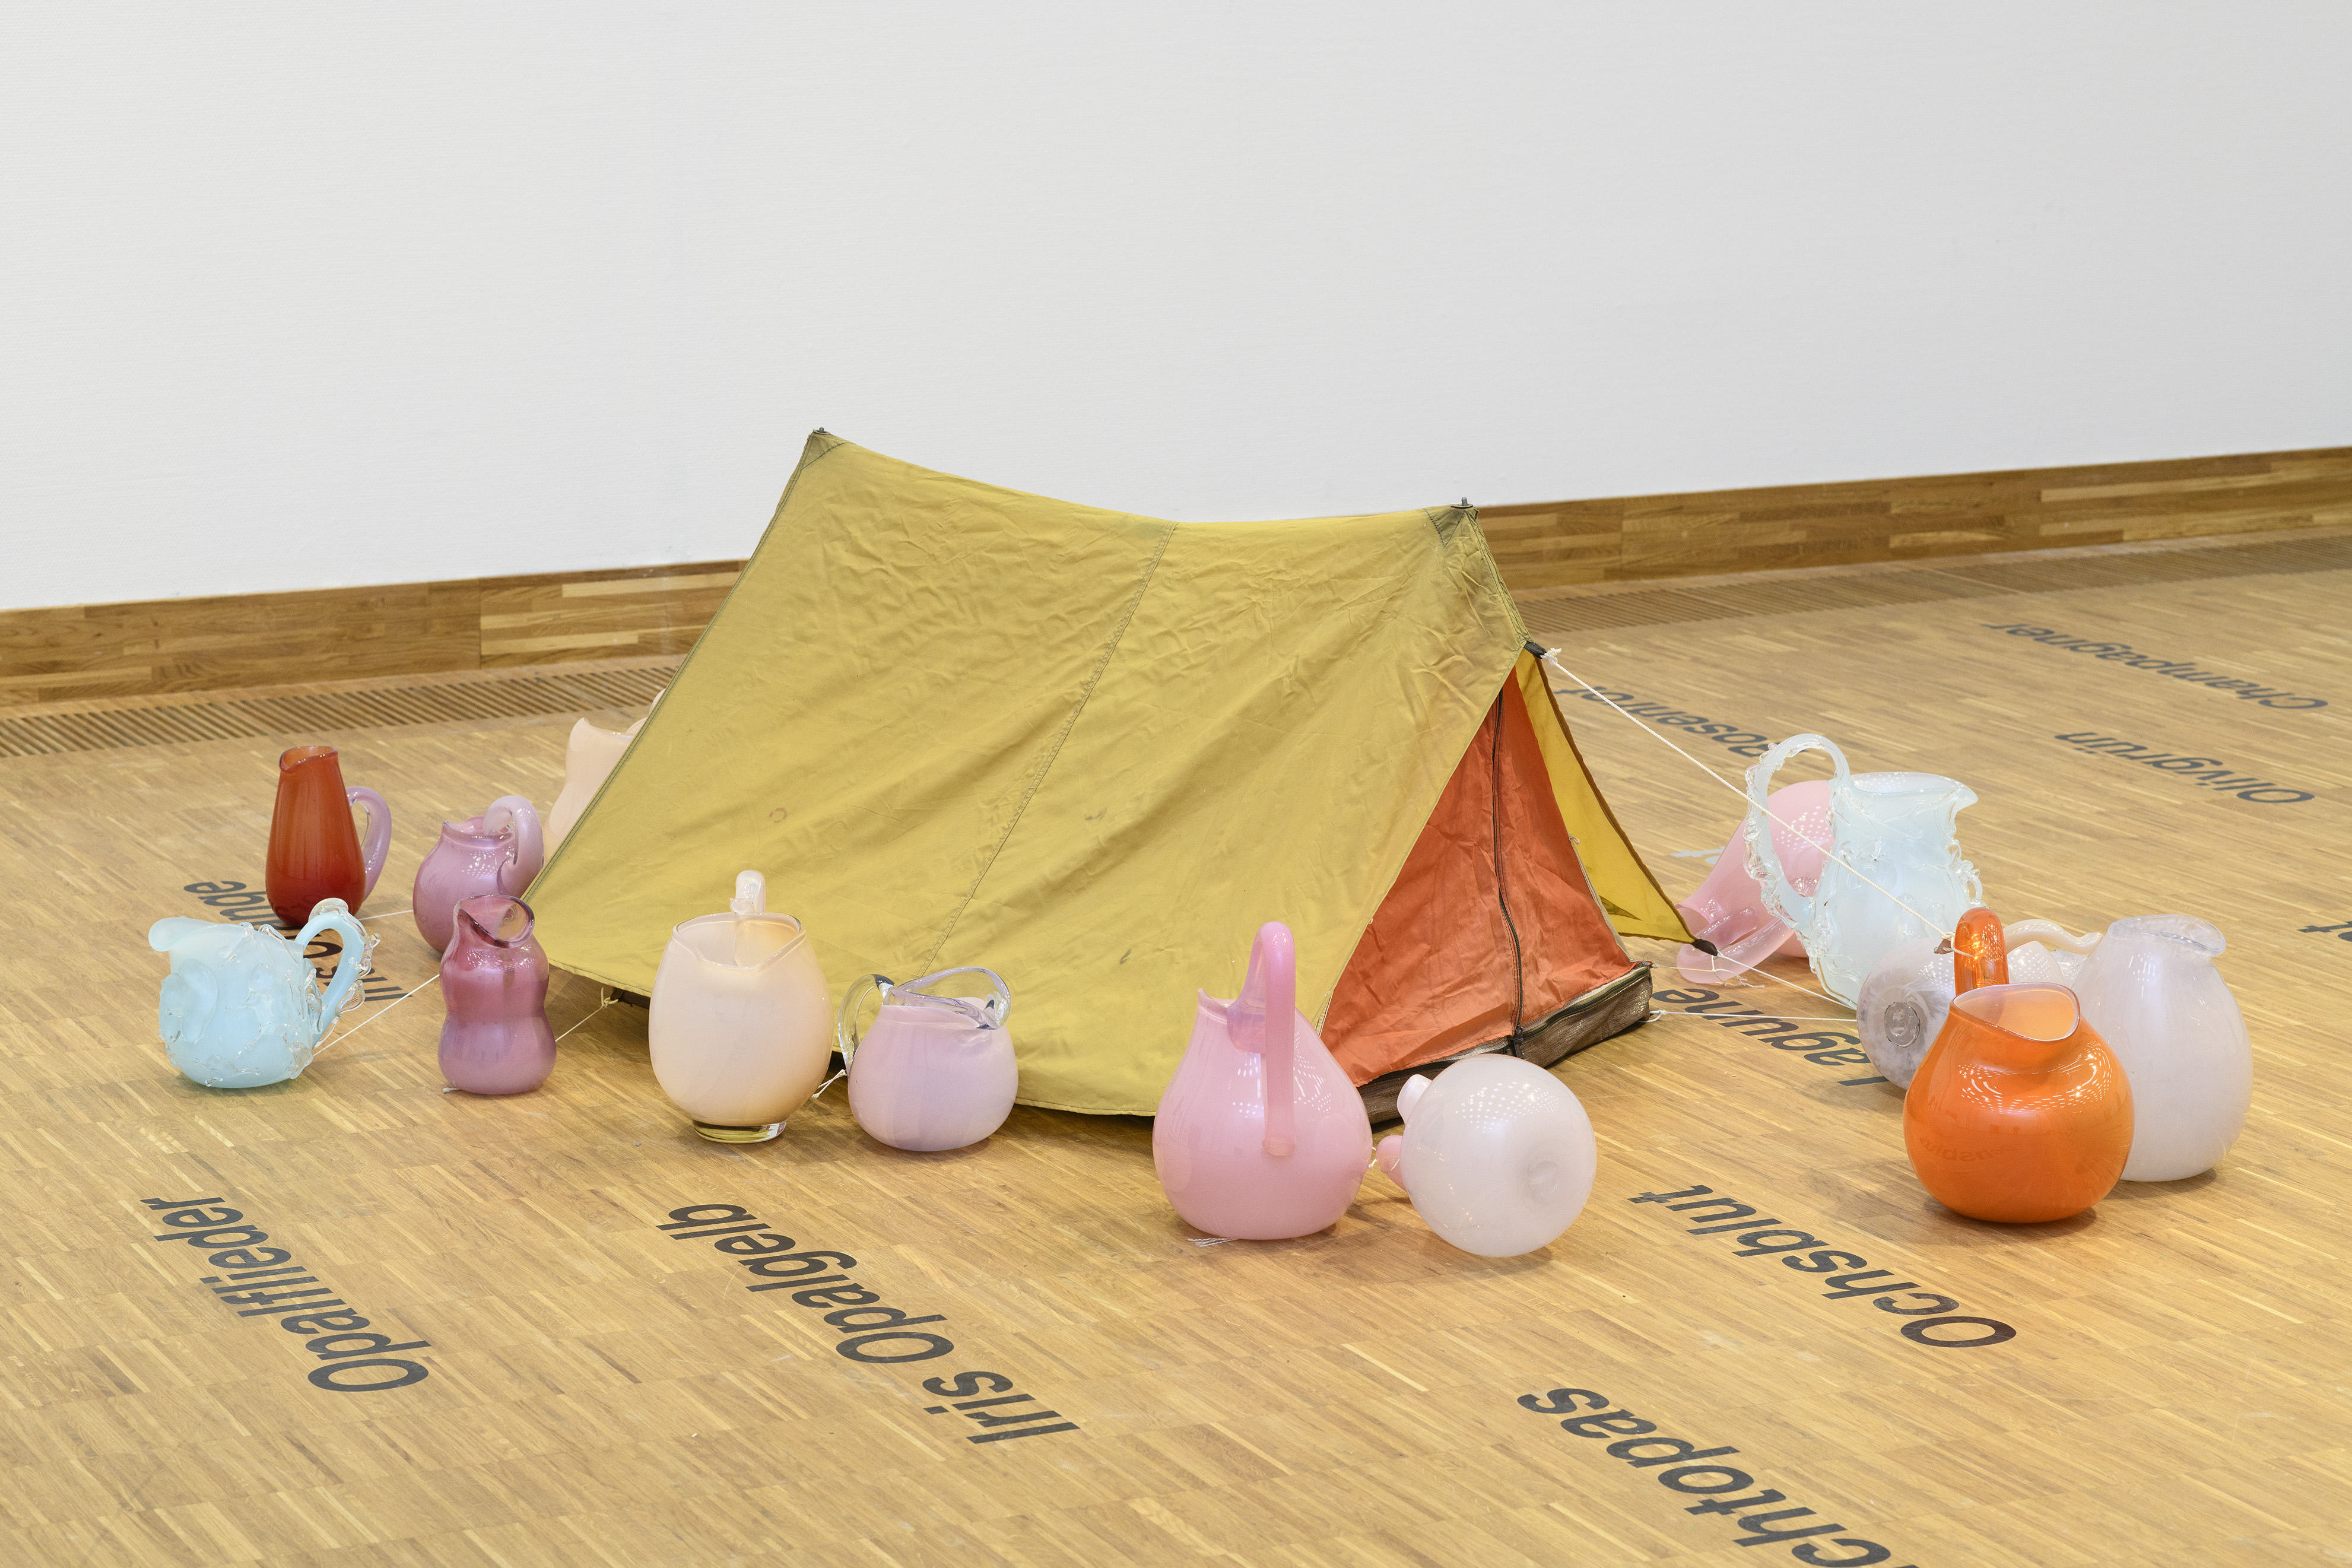 Maria Roosen, Tent, 1998